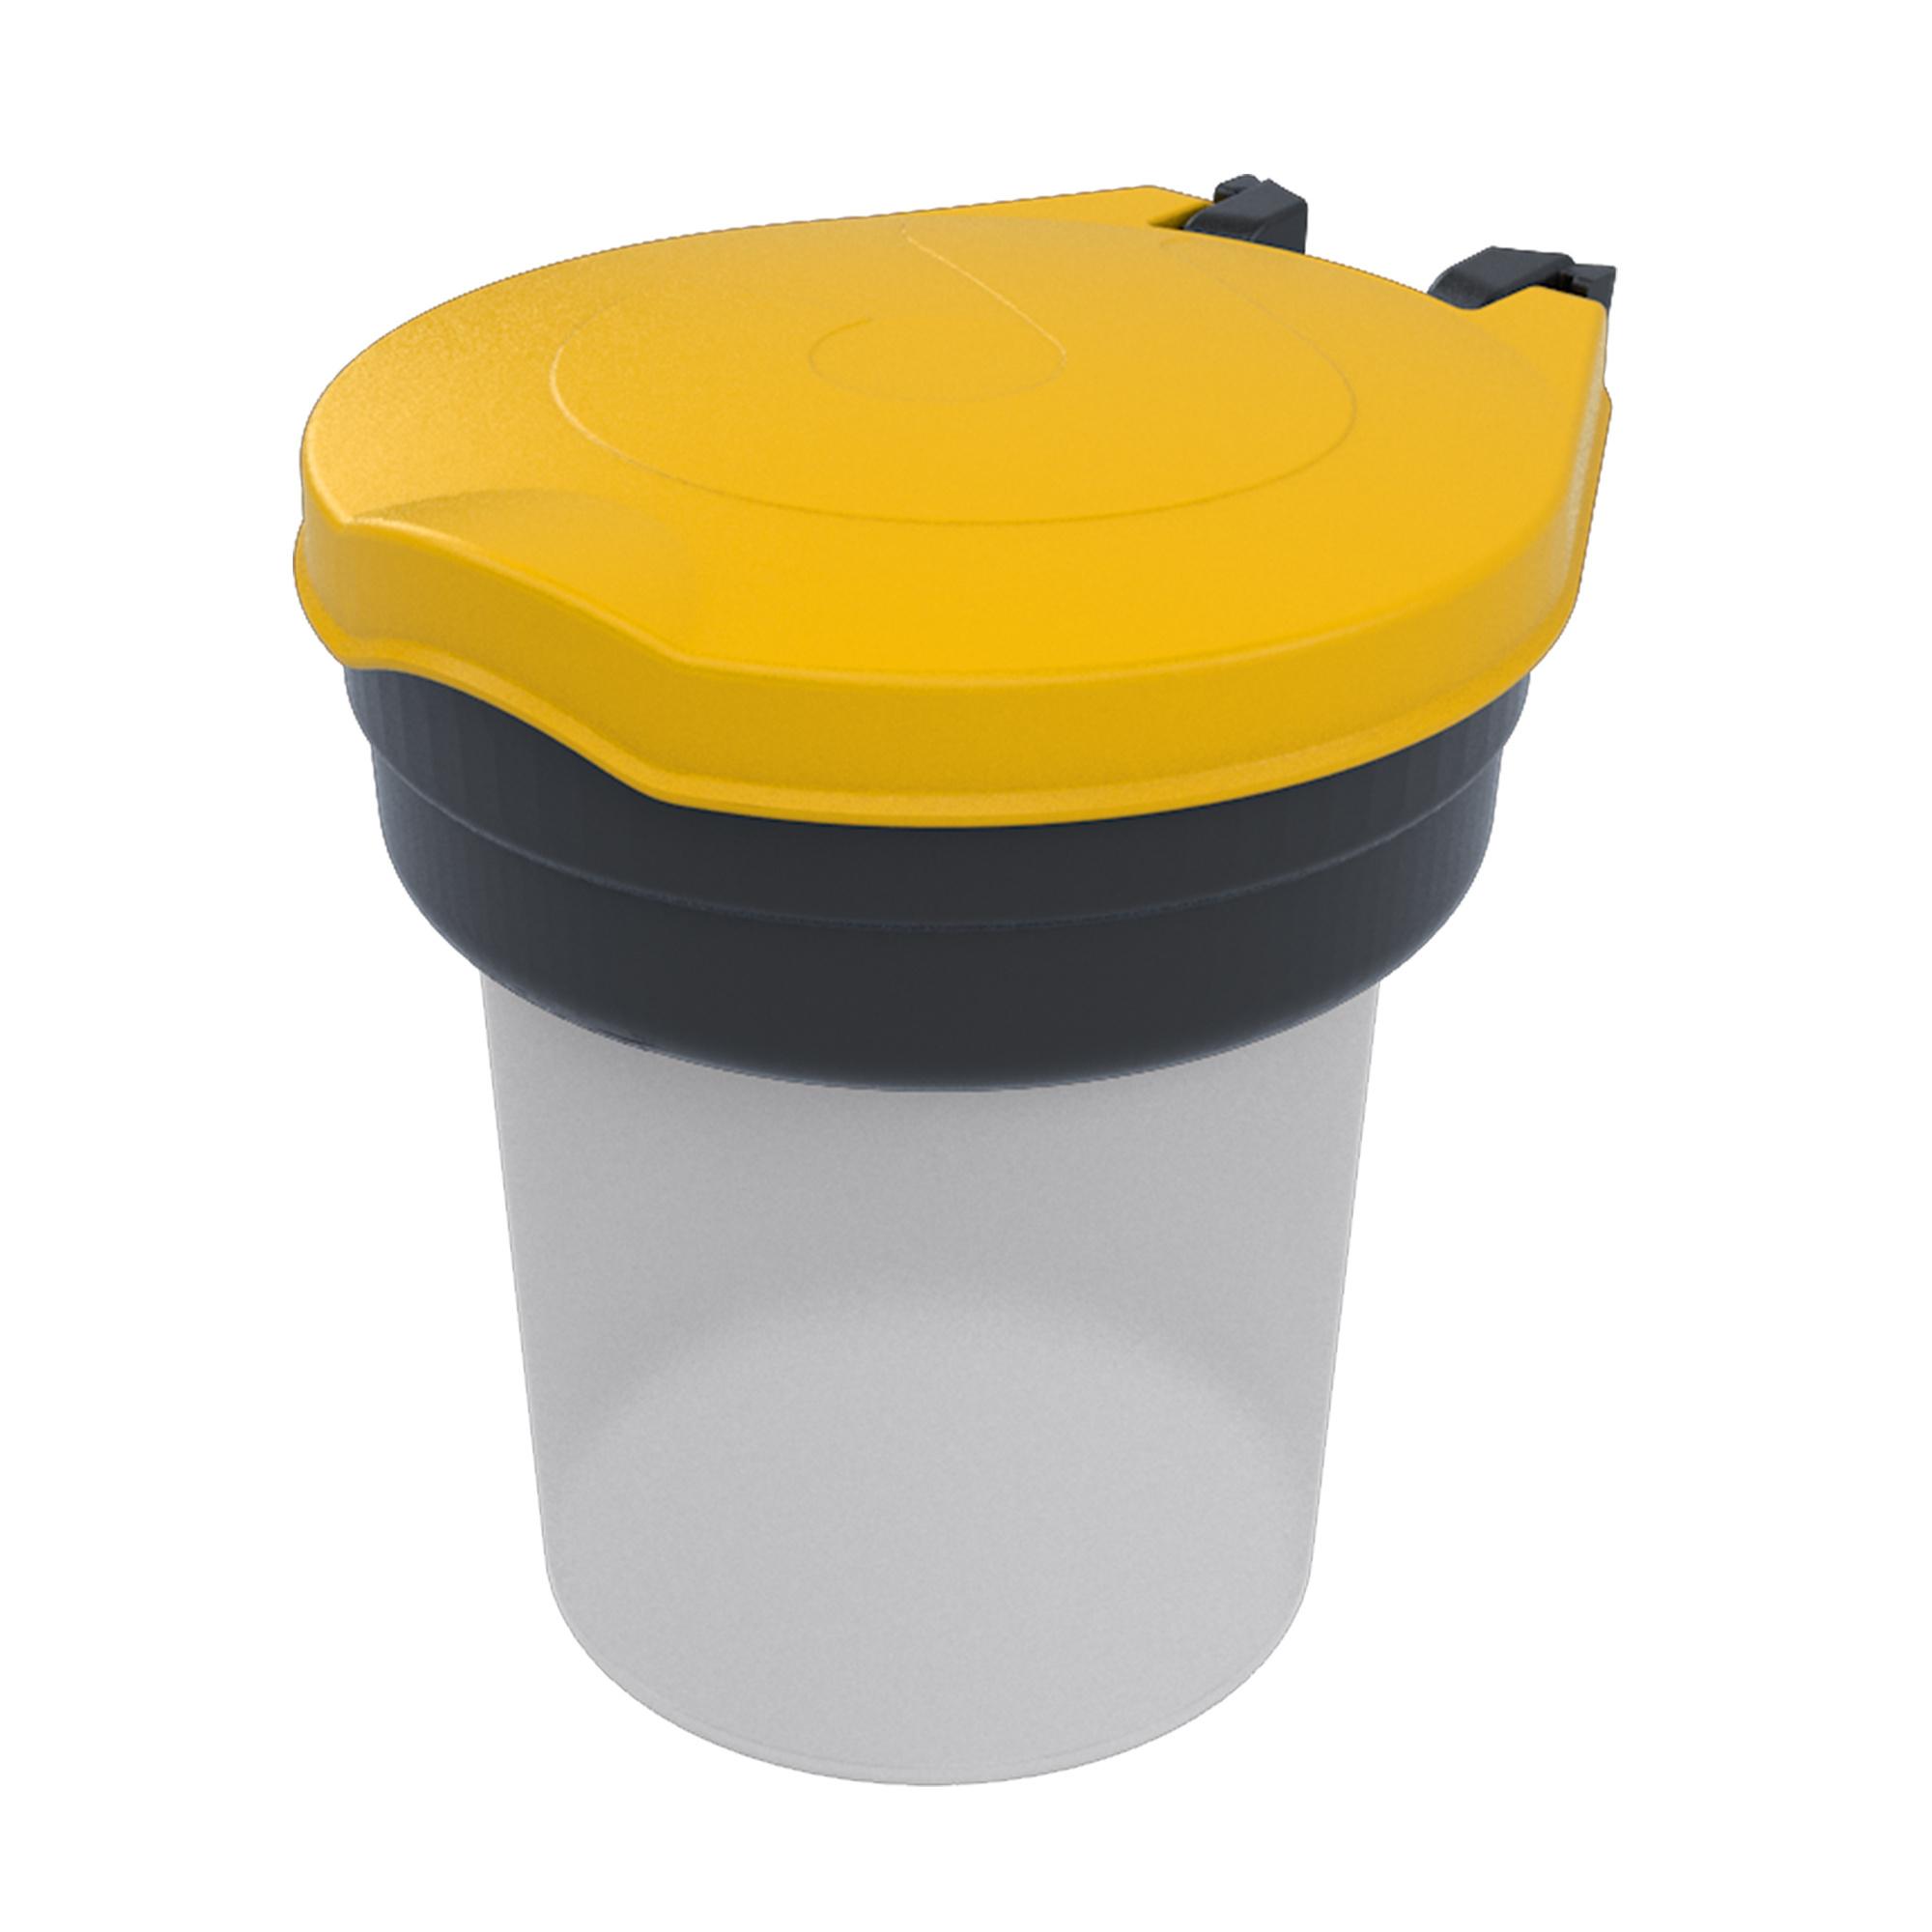 SKIPPER SKIPPER dispenser/verdeler - meerdere kleuren